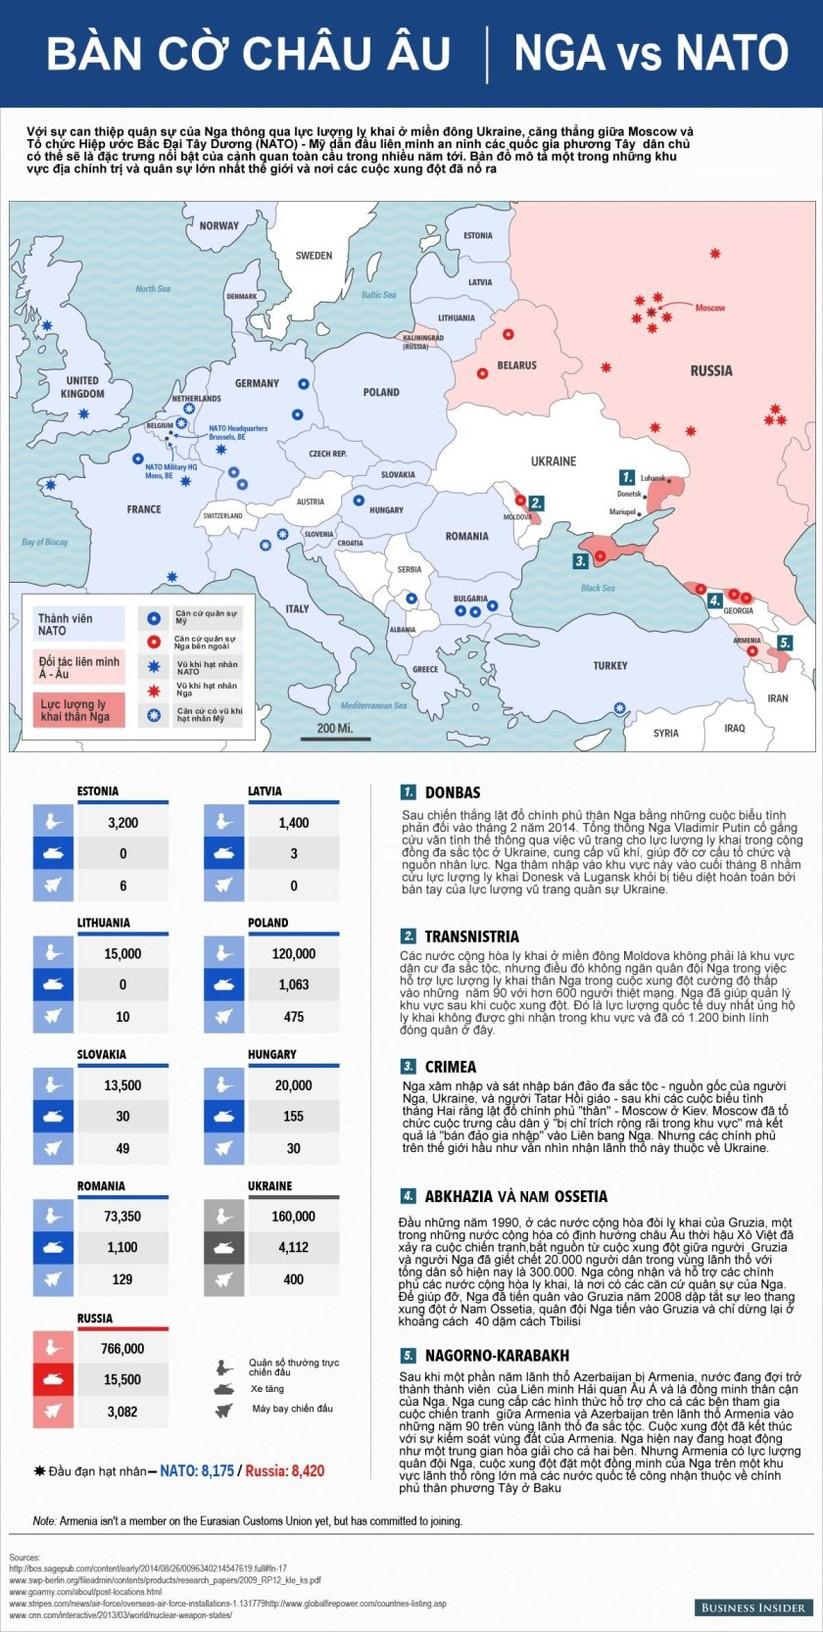 Lời giải thích đơn giản, tại sao Putin quyết liệt chống NATO ảnh 3